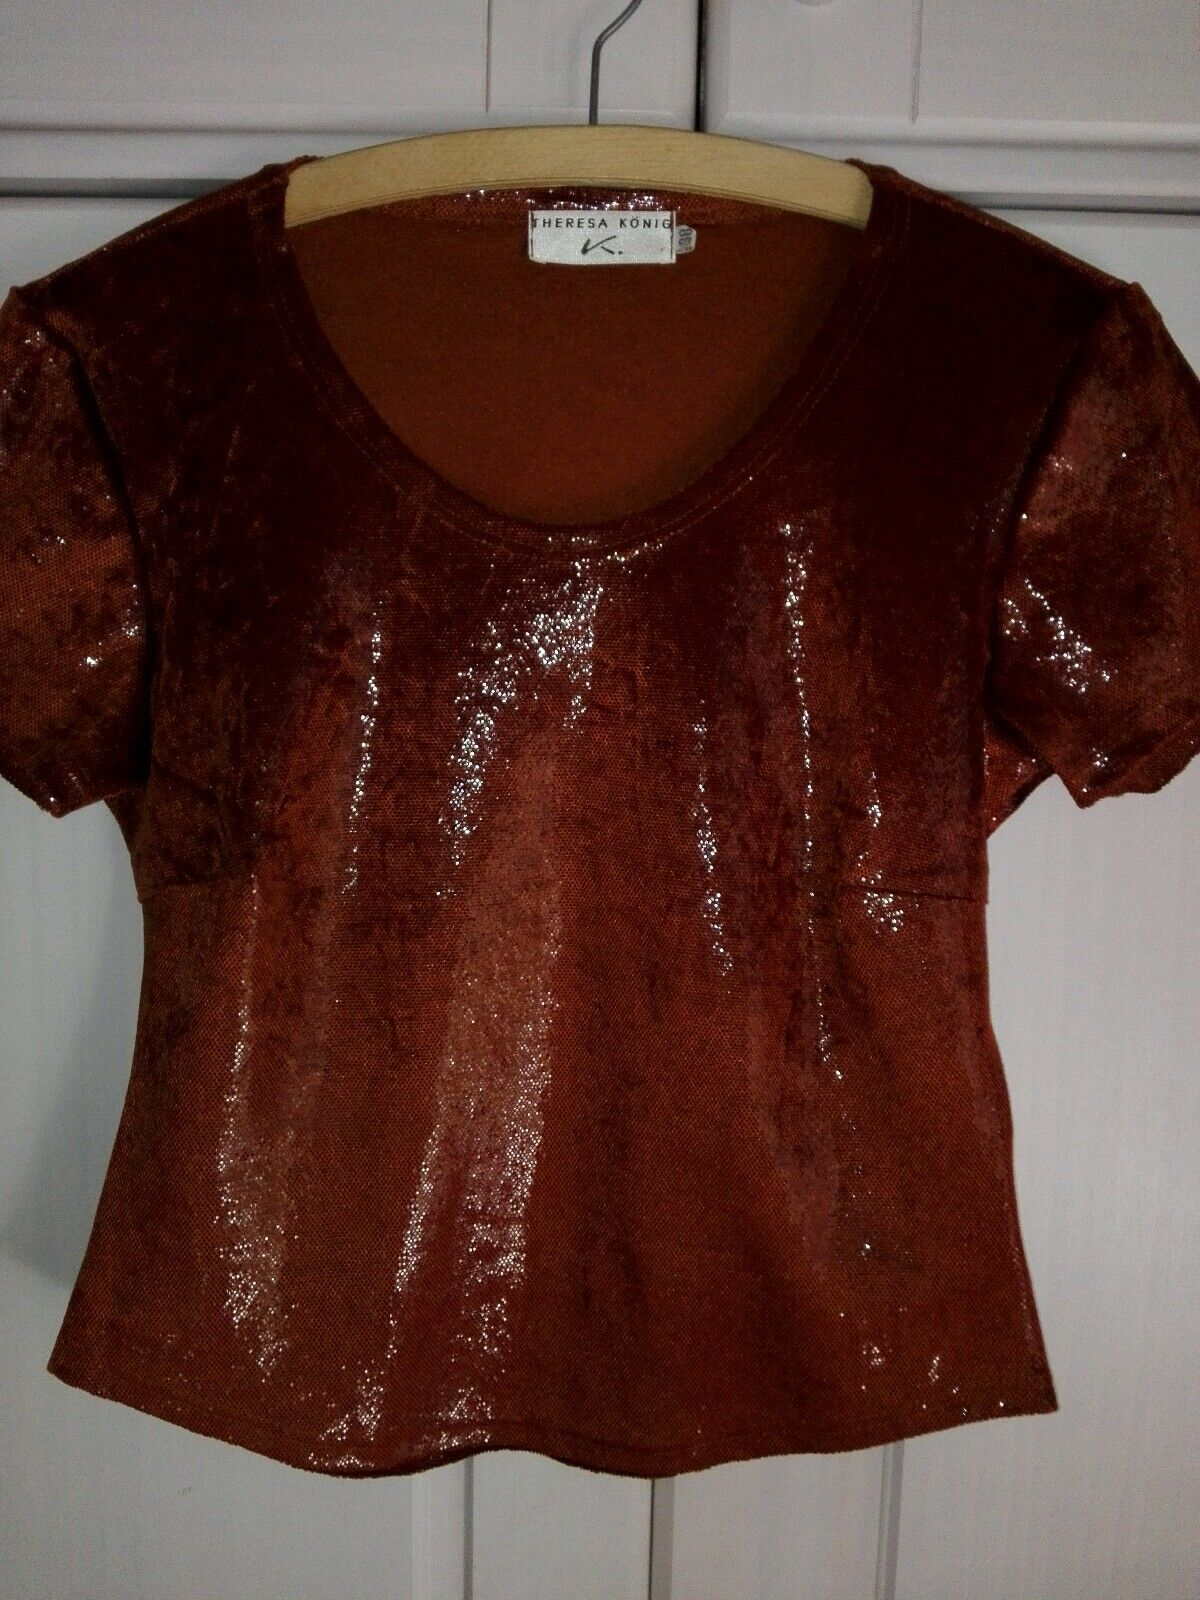 Theresa König luxuriöses Shirt in Größe 36-38 Cognac neuwertig